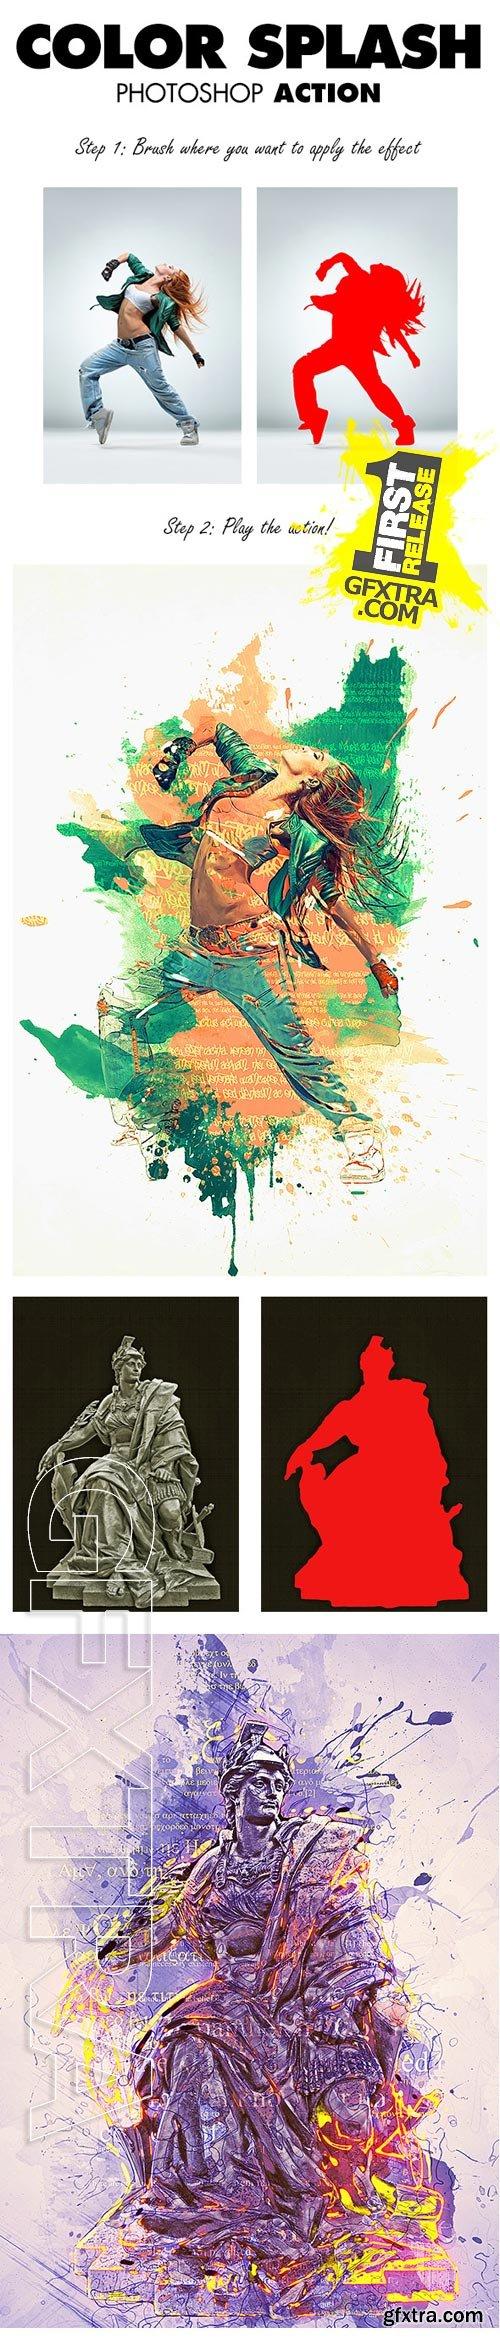 GraphicRiver - Color Splash Photoshop Action 9470938